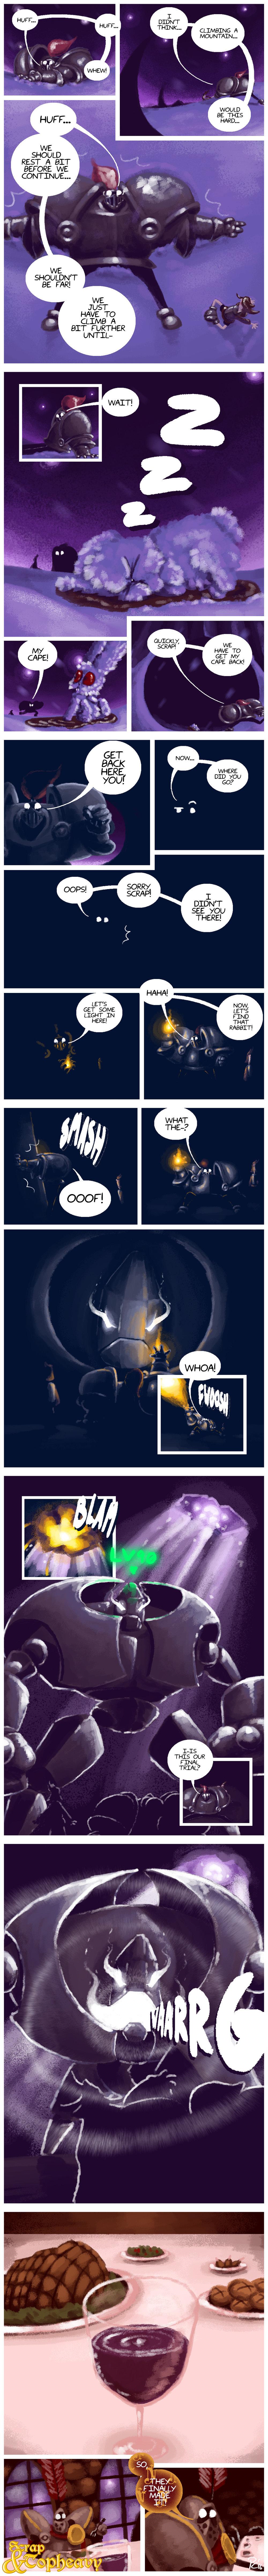 Comic38.jpg